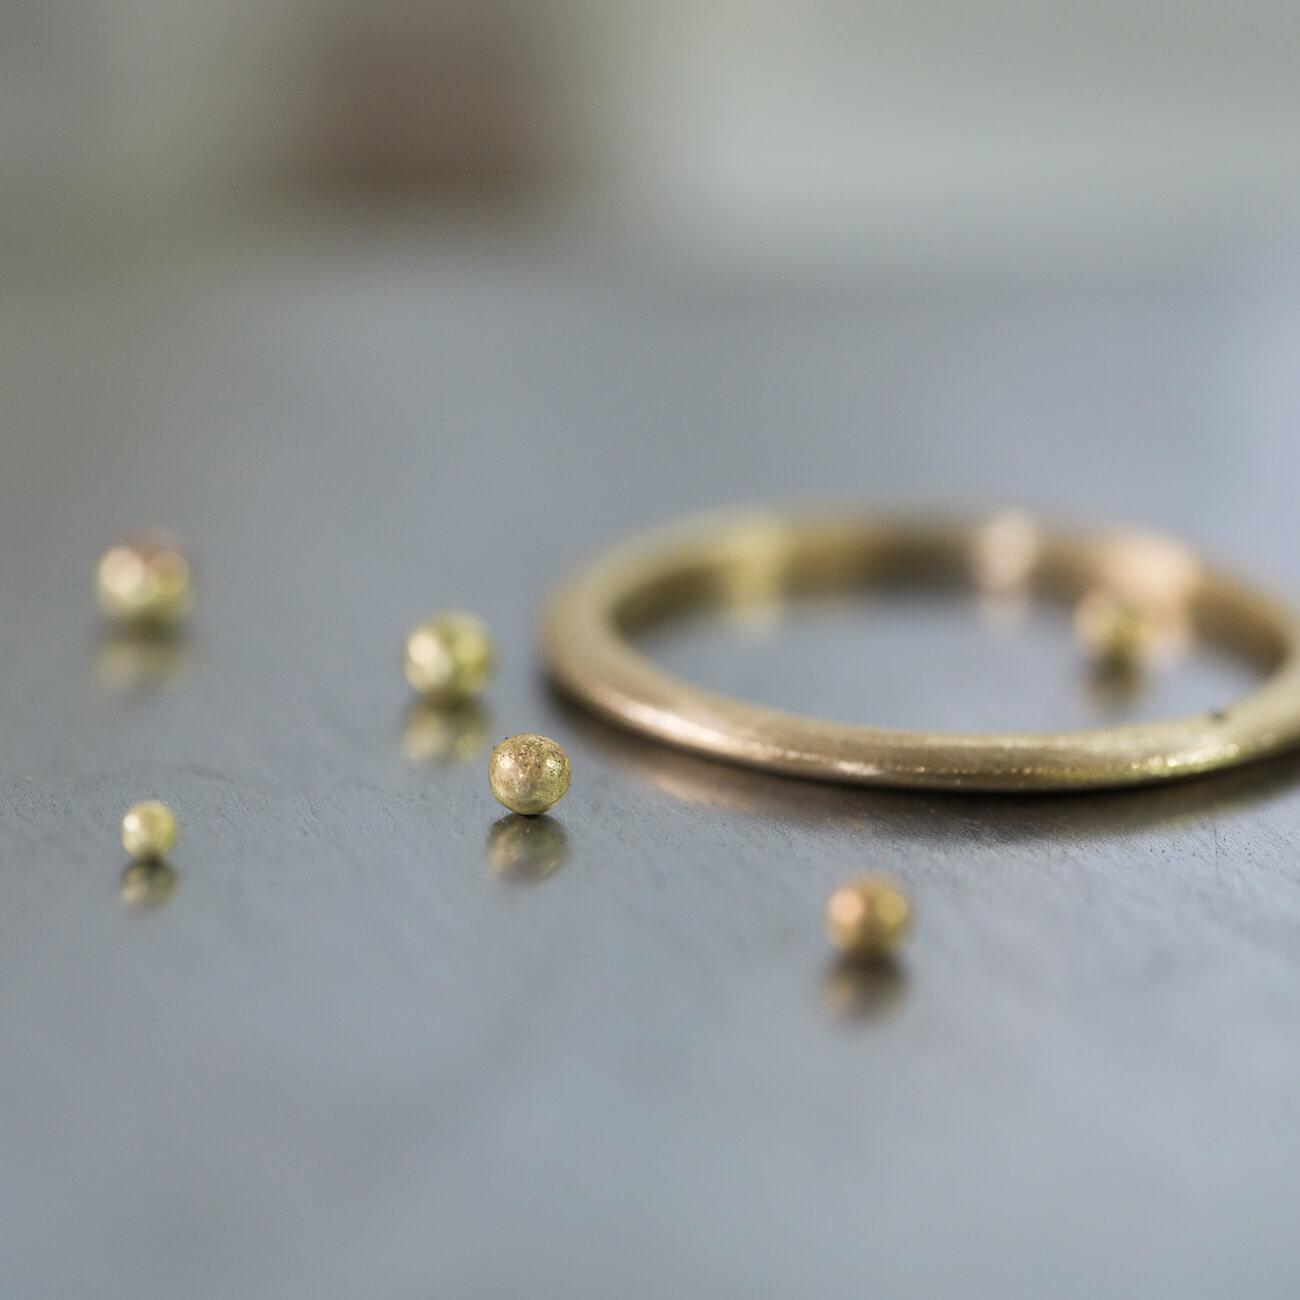 場面3 金の粒とリング オーダーメイドマリッジリングの制作風景 ジュエリーのアトリエ 作業場に指輪 ゴールド 屋久島で作る結婚指輪